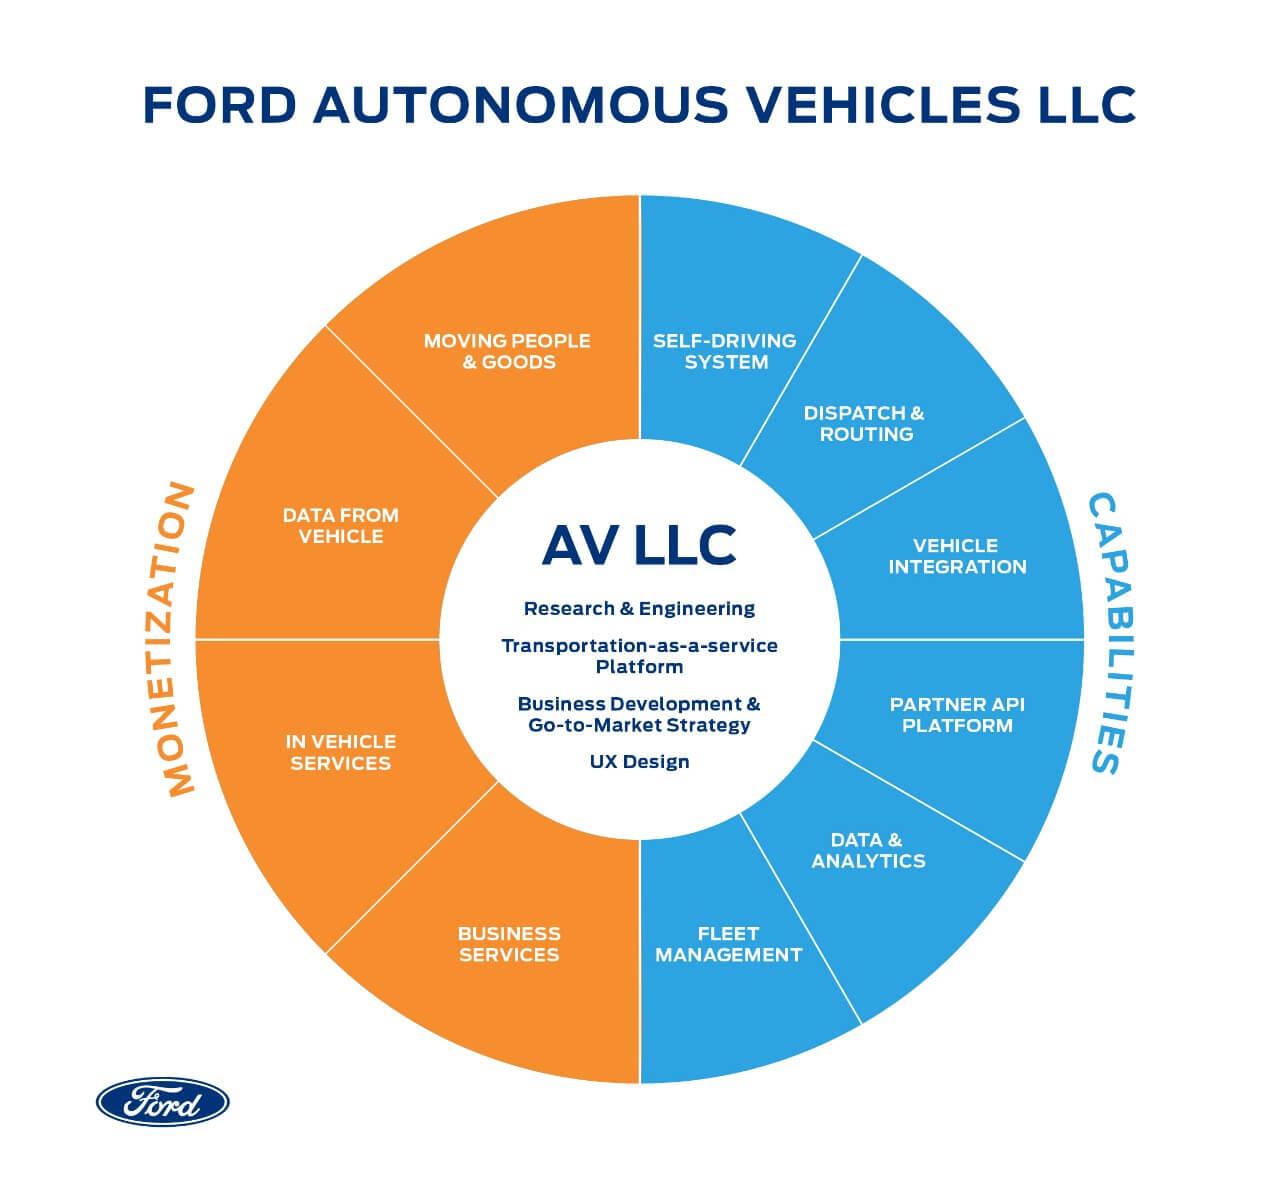 Ford Autonomous Vehicles LLC будет заниматься разработкой автомобилей ссистемами автономного управления